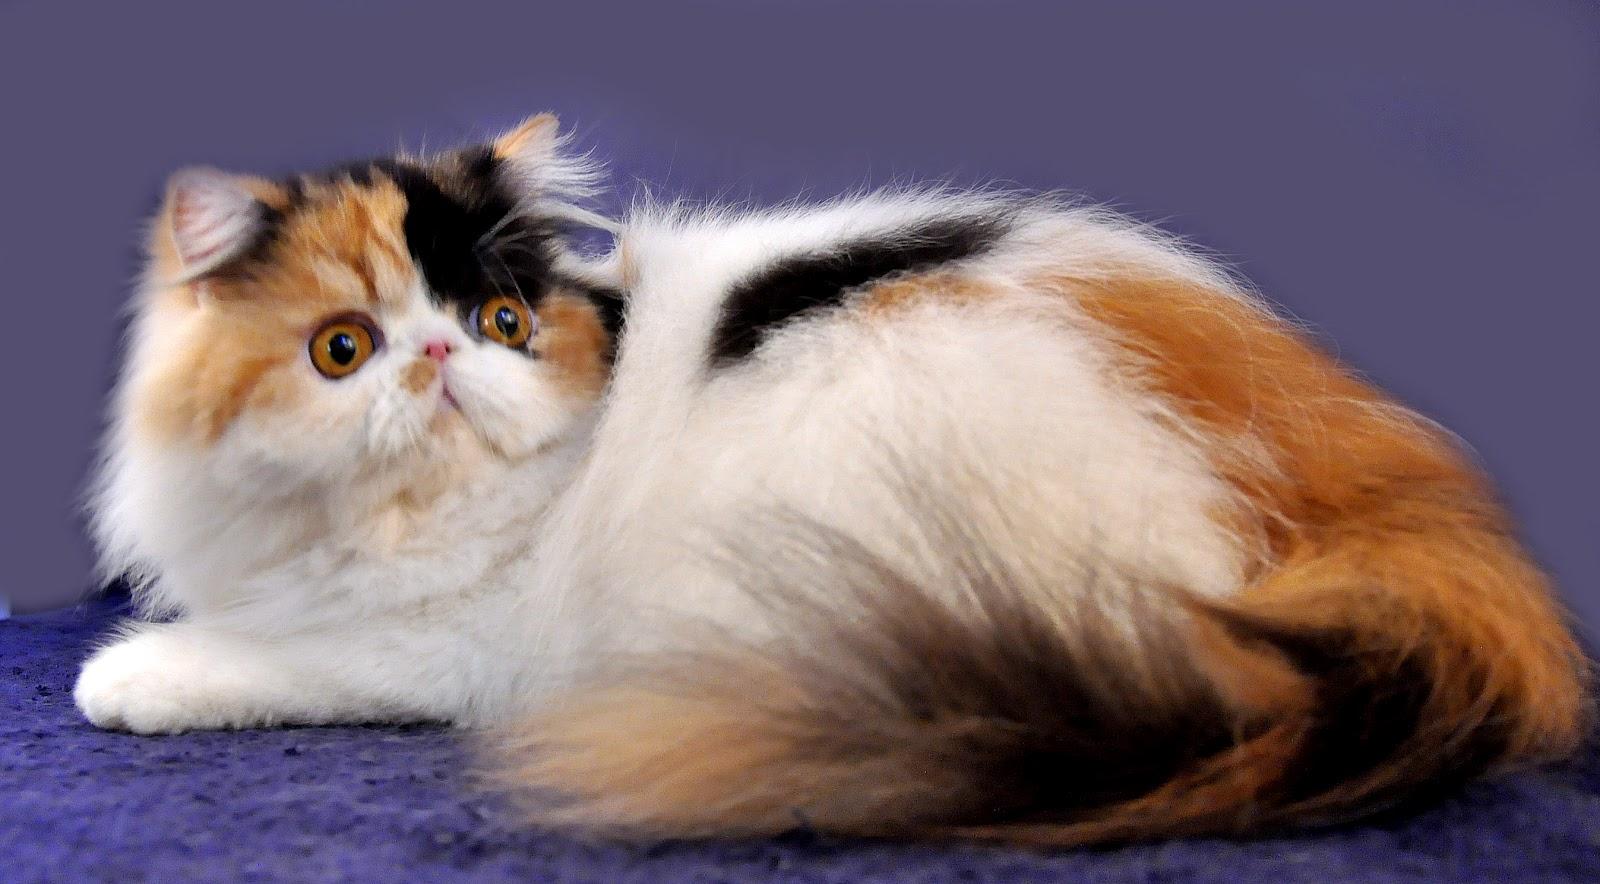 Hewan Lucu 2016 Hewan Anak Kucing Anggora Images